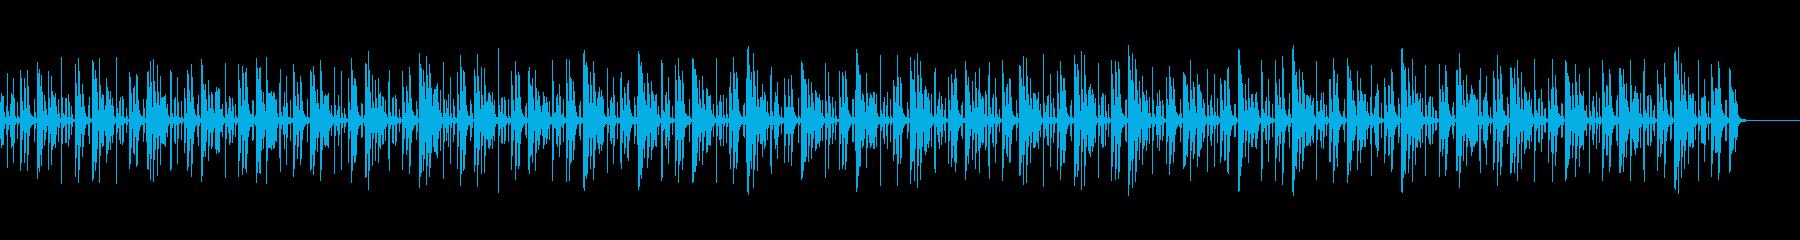 ラテンパーカッション 民族調 パターン2の再生済みの波形